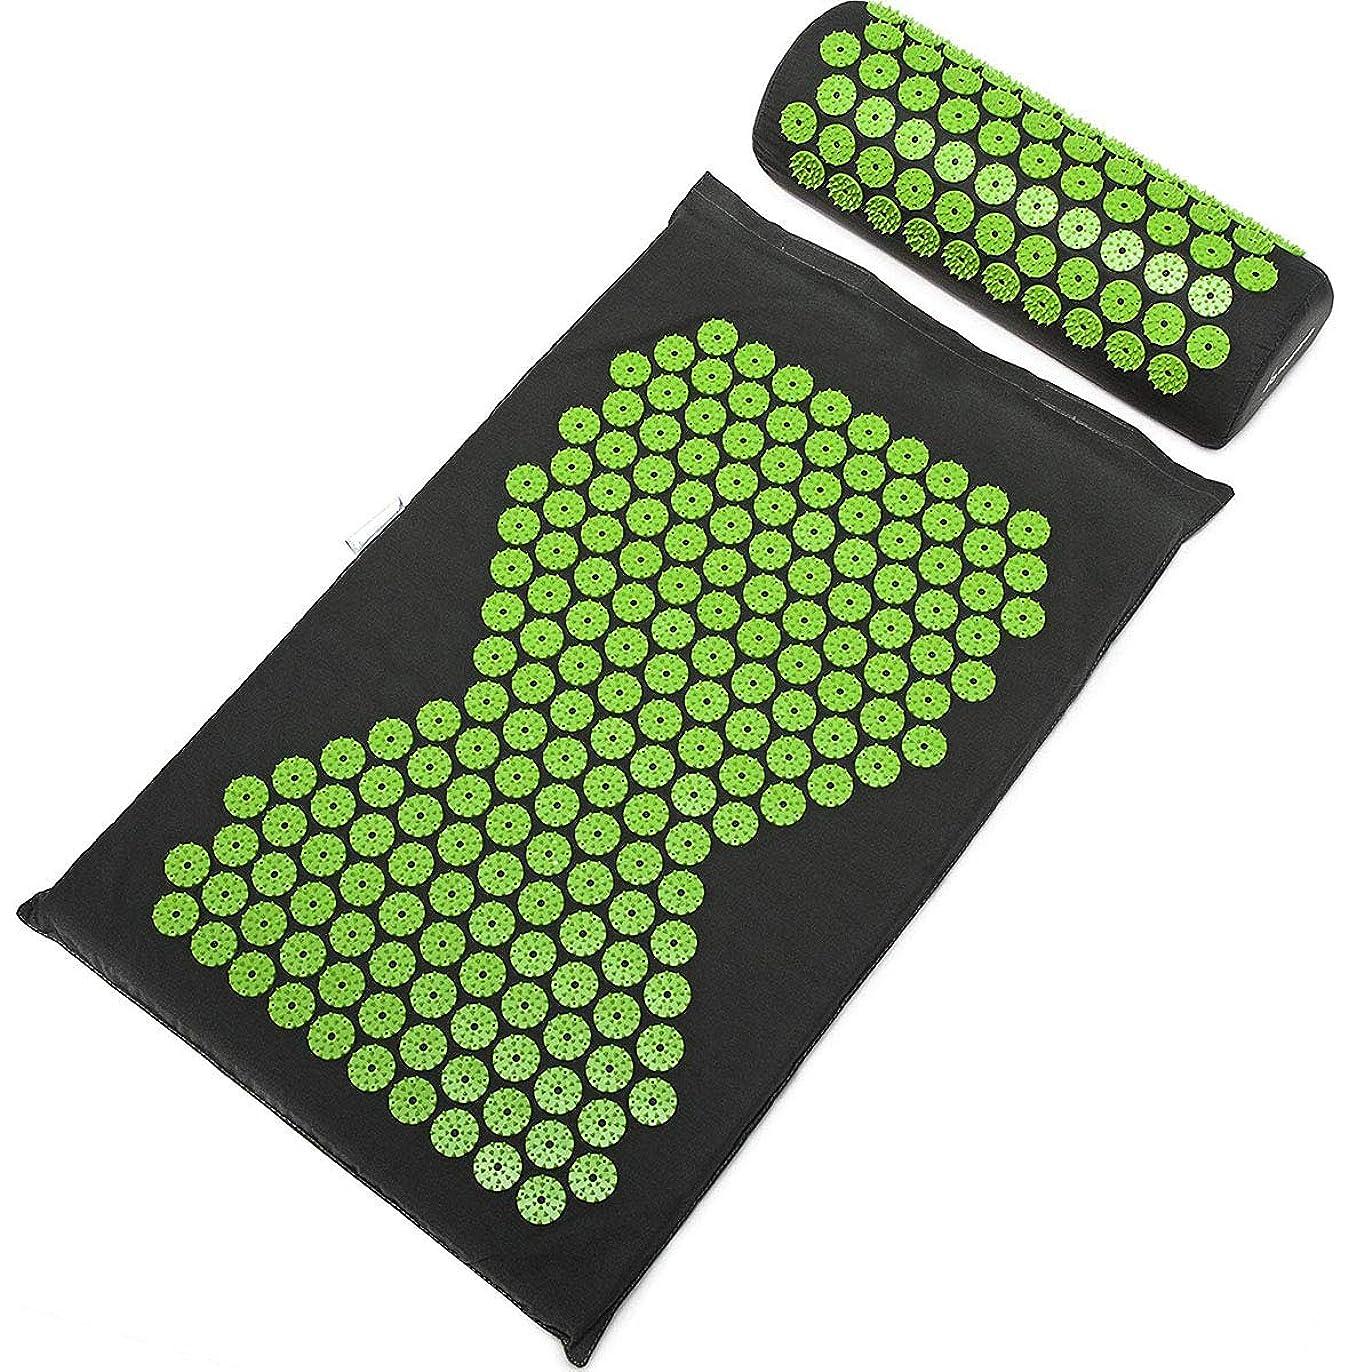 区画製作コピーSulida ヨガマット マッサージマパッド ストラップ付き マッサージ枕 トレーニングマット 睡眠改善 自宅運動 マット 高密度 持ち運び 滑り止め 血行促進 収納簡単 エコ グリップ力 クッション性